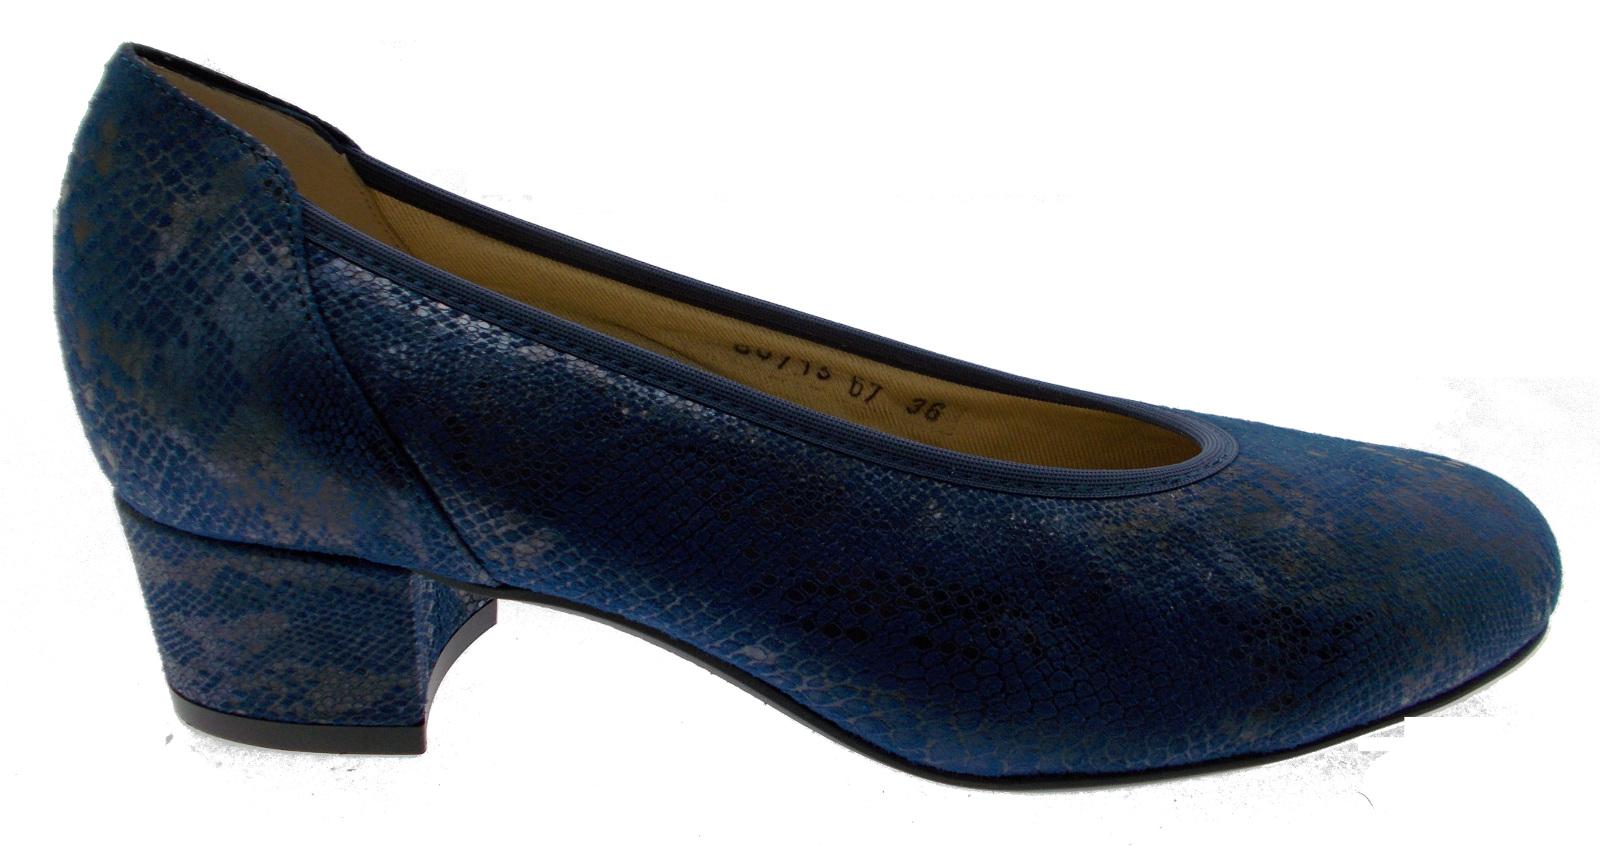 Decoltè stampato pitone bluette jeans plantare ortopedico 60713 loren